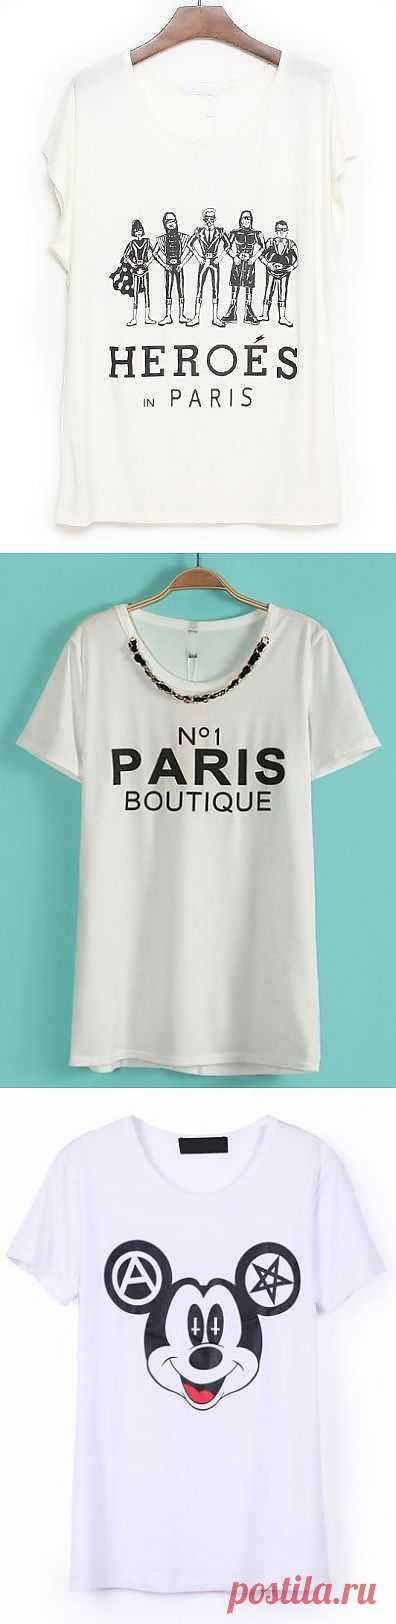 Поглумимся? / Рисунки и надписи / Модный сайт о стильной переделке одежды и интерьера